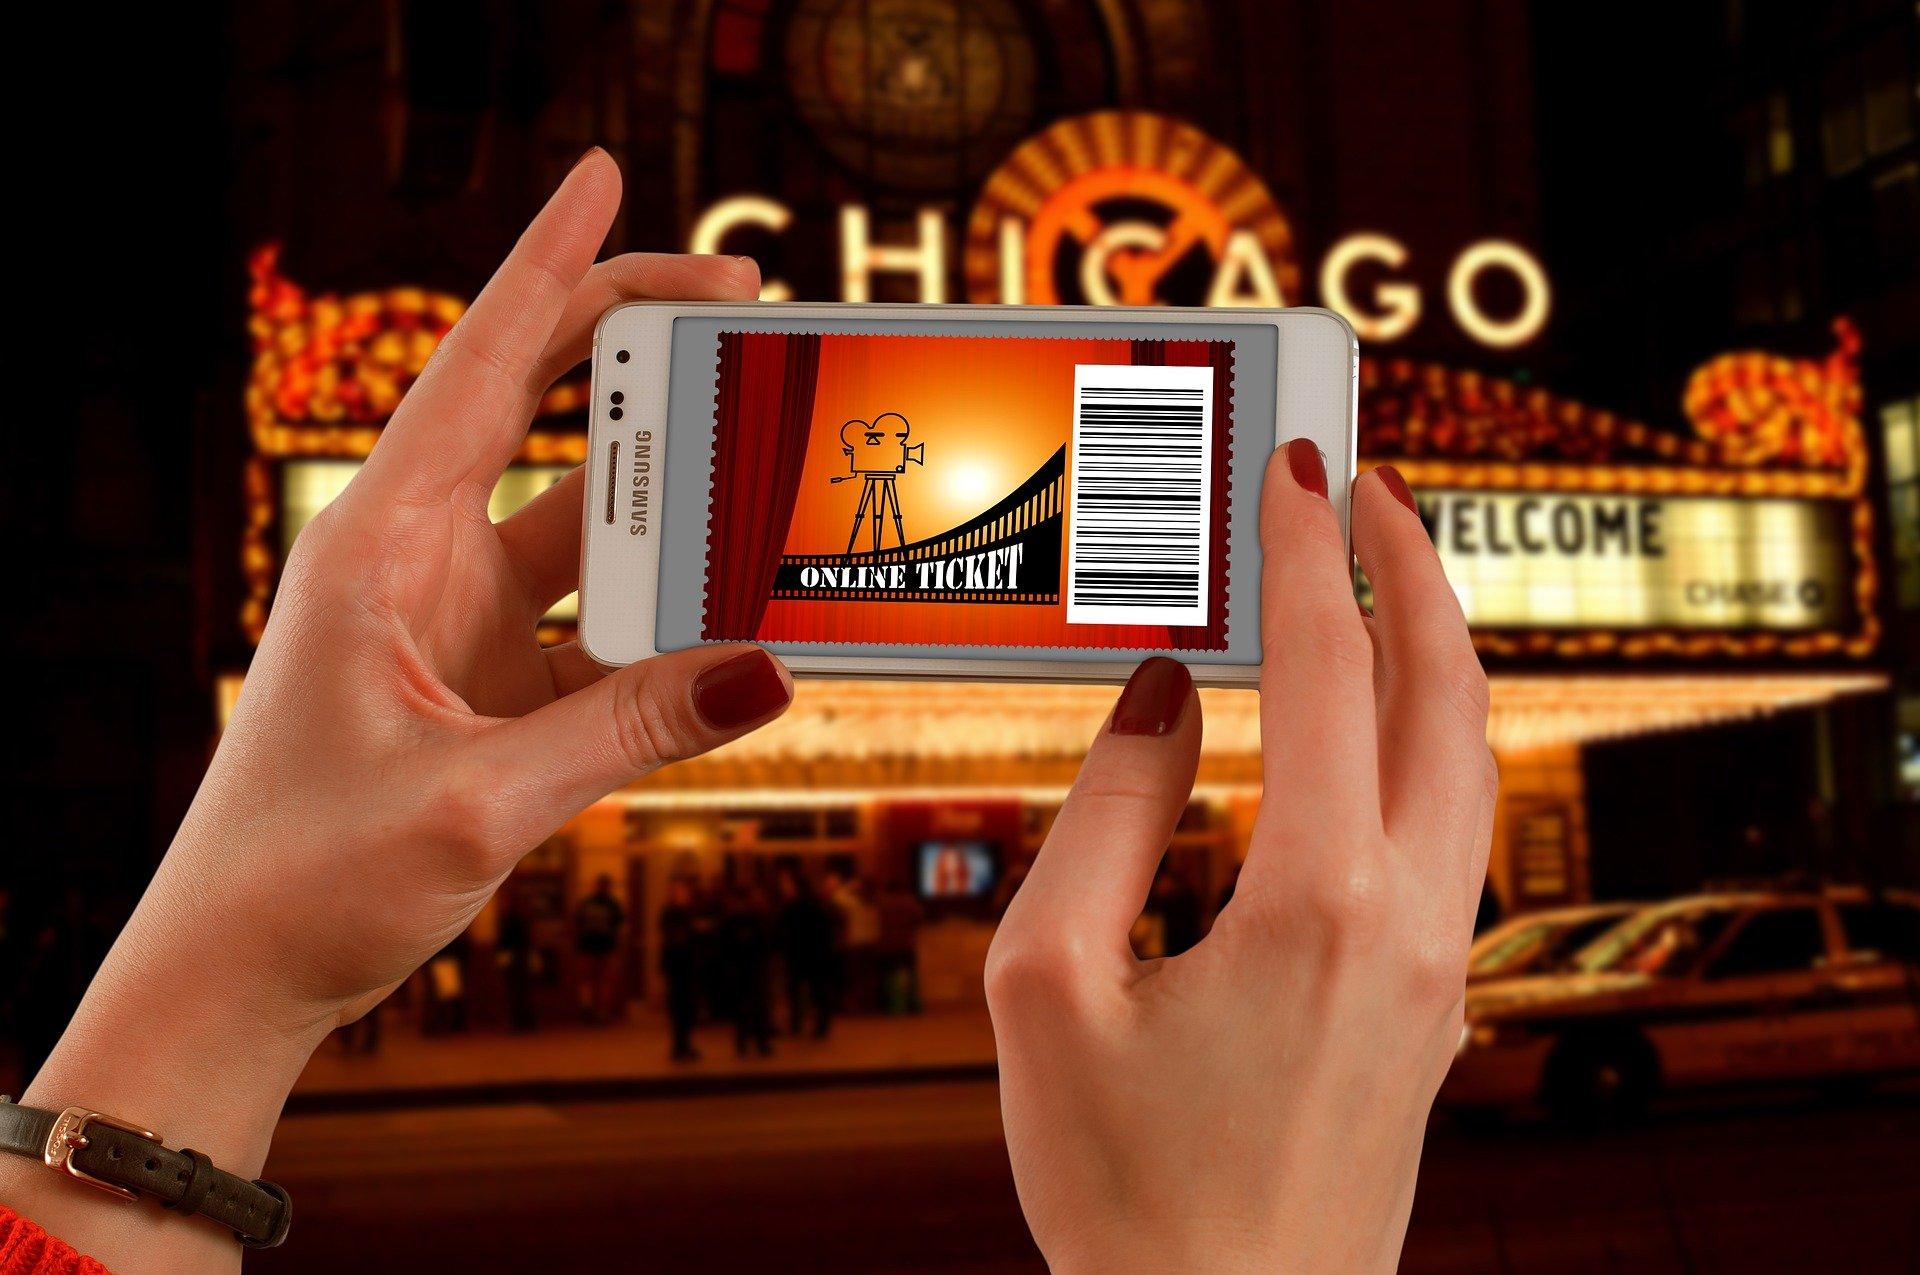 Xpay, paga a distanza e ricevi il tuo biglietto in tempo reale